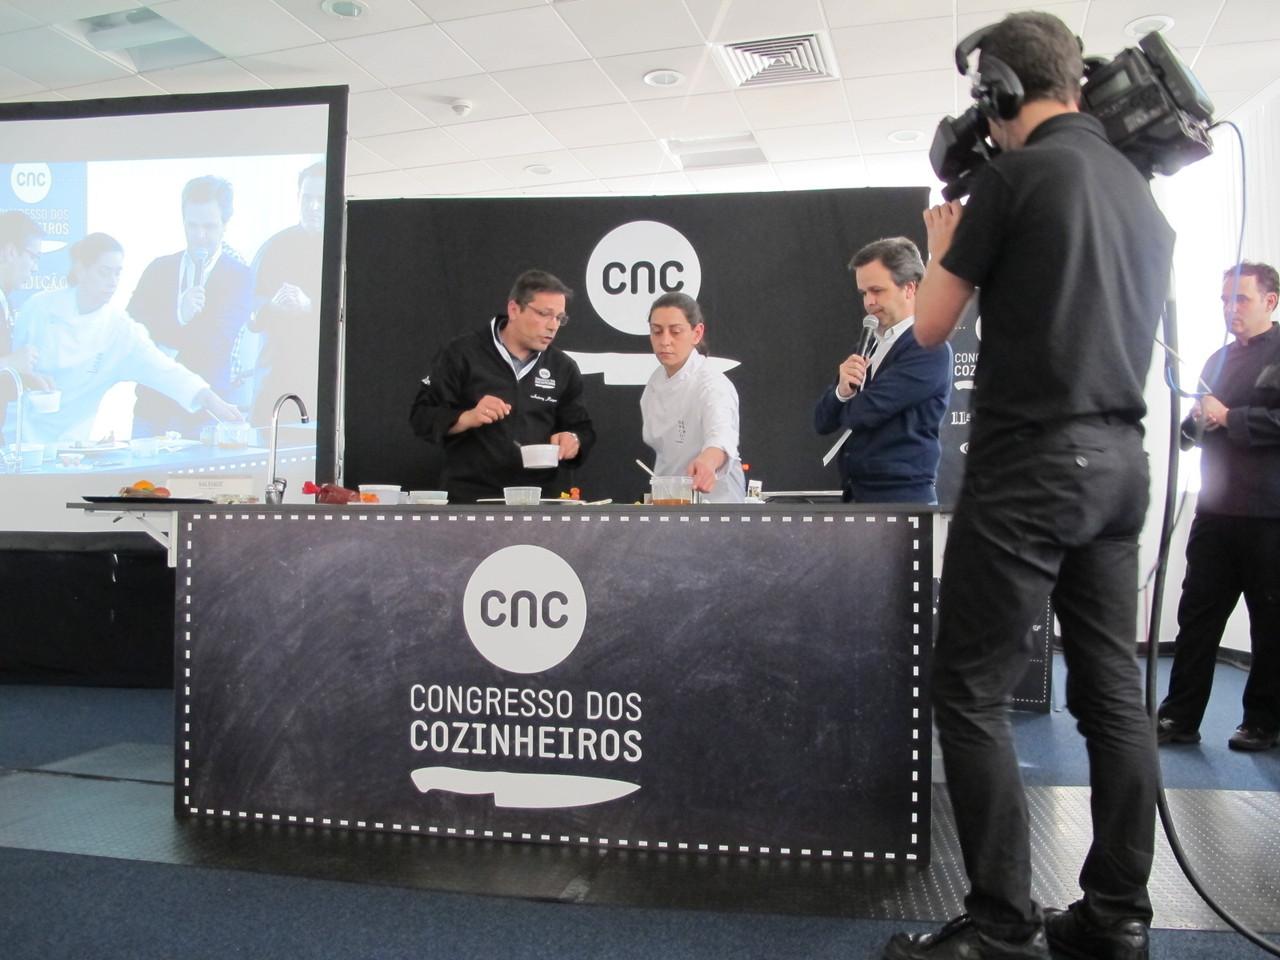 Antony Marques e Cristina Poças